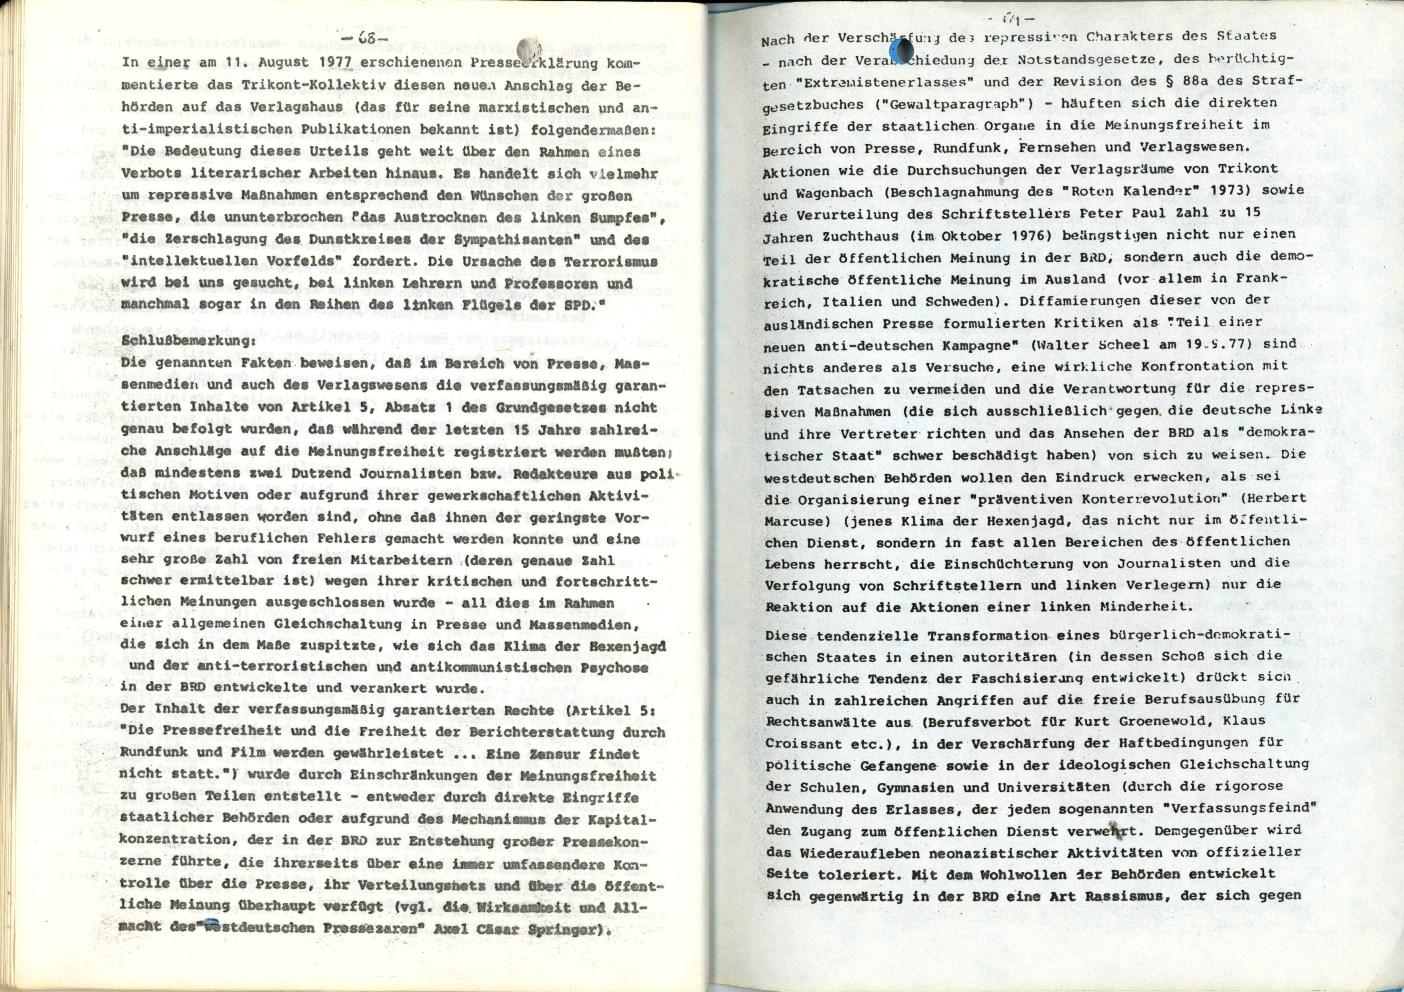 Hamburg_Vorbereitungsgruppe_Russell_Tribunal_Zensur_1978_35